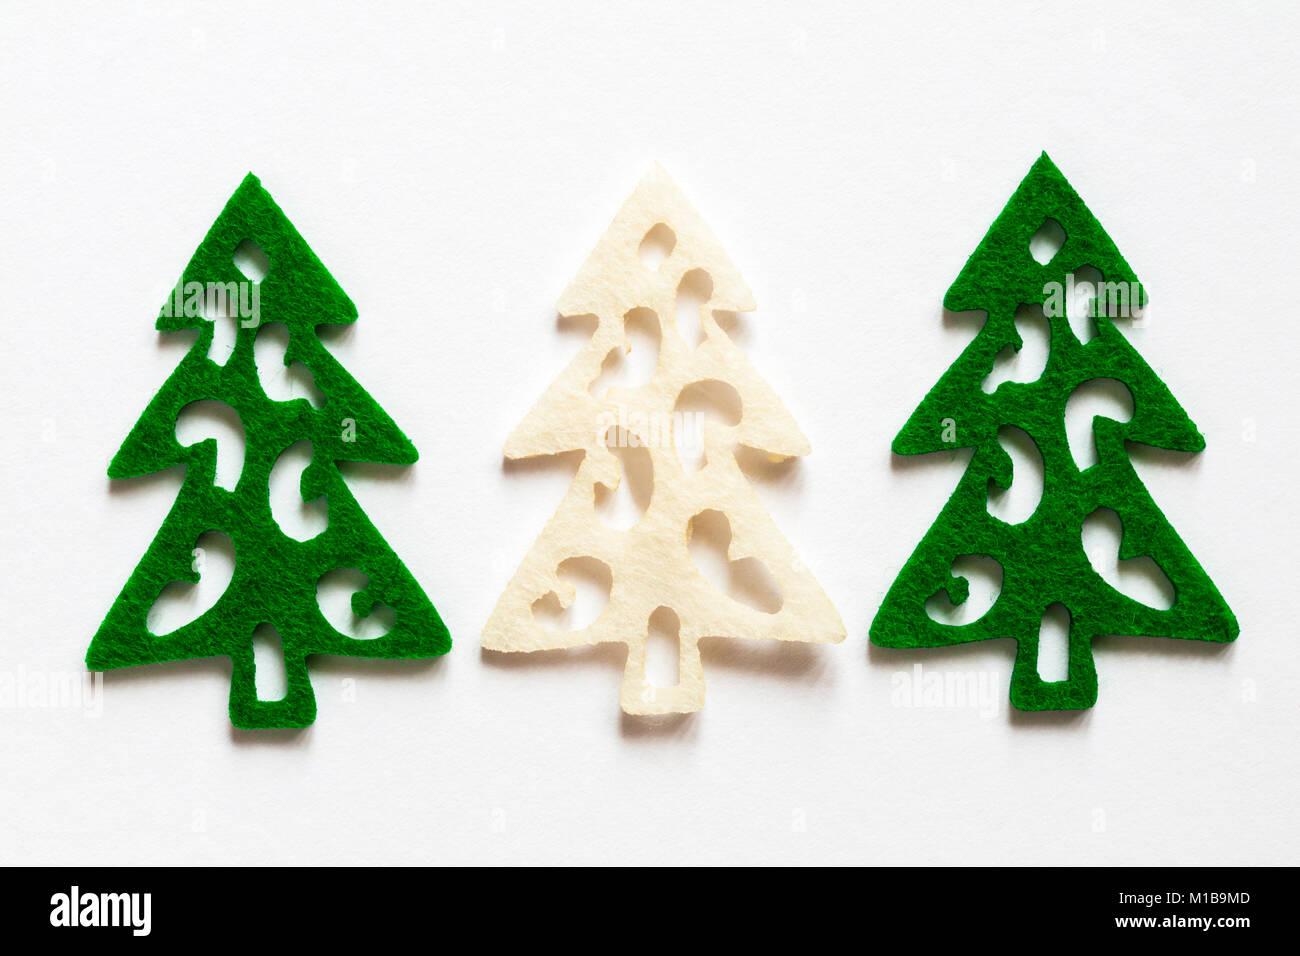 Feltro albero di Natale forme impostato su sfondo bianco Immagini Stock